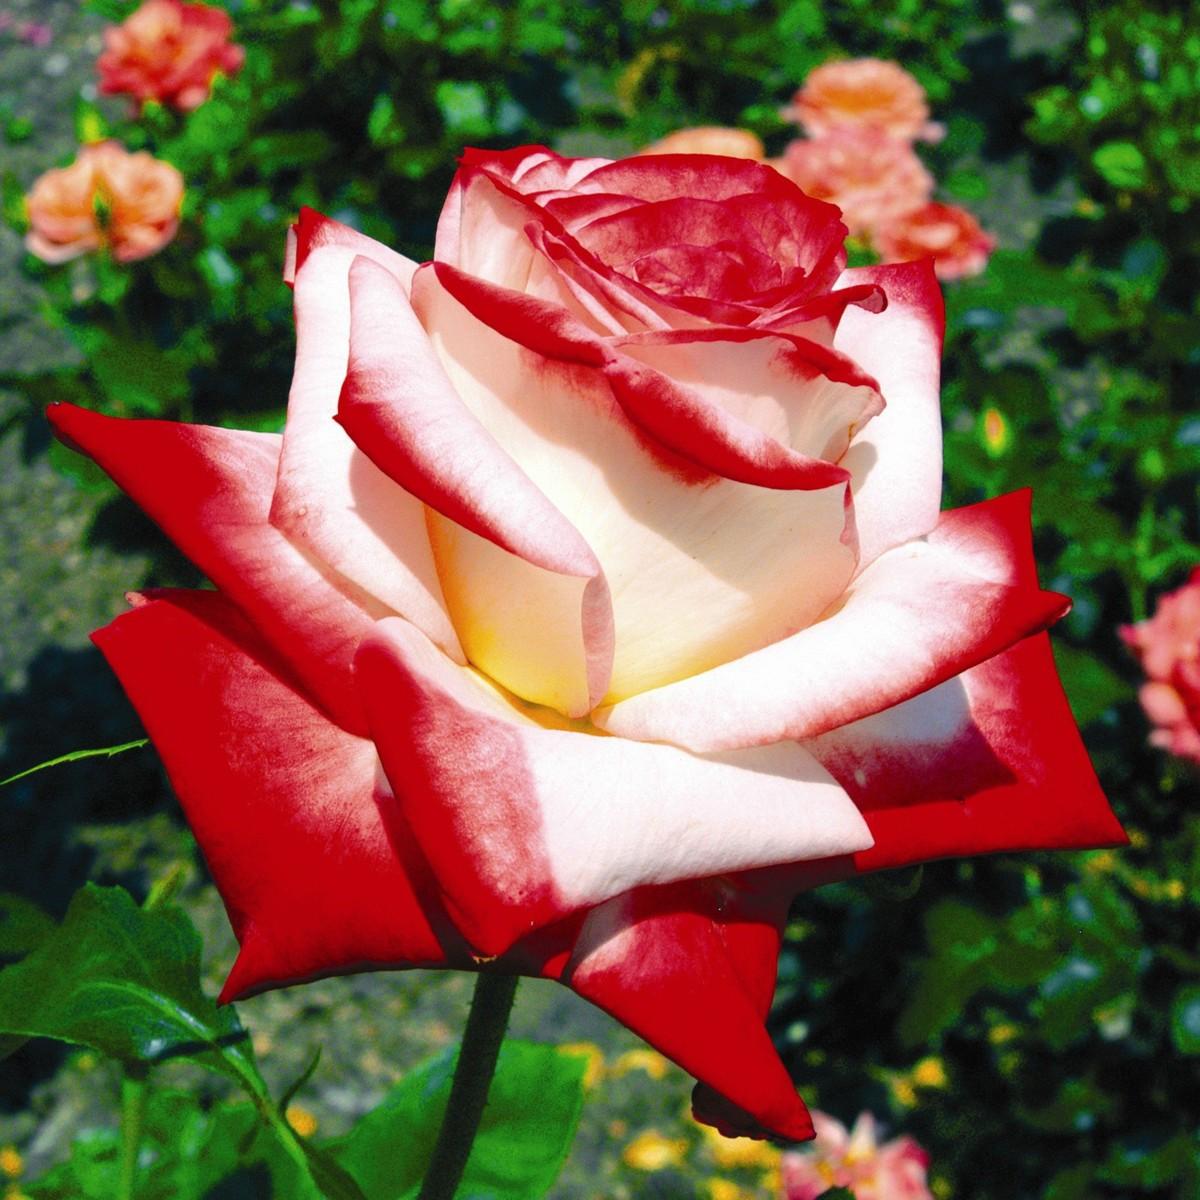 Rose imperatriche farah 2